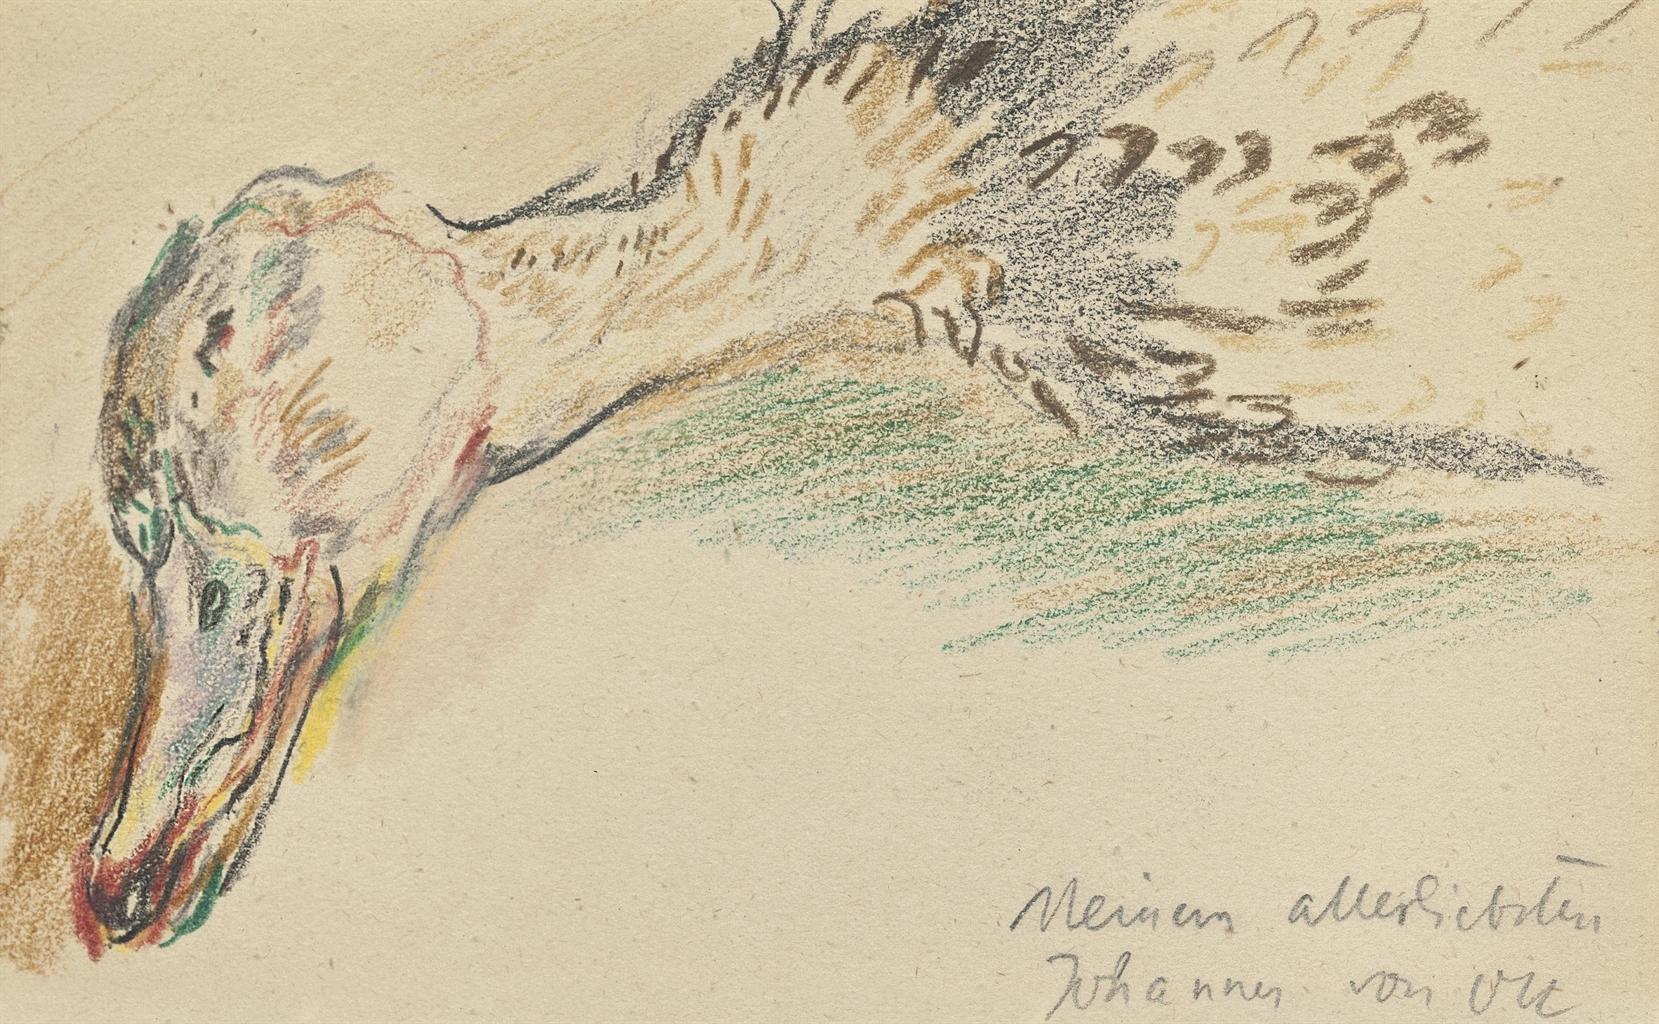 Oskar Kokoschka-Kopf einer Ente-1942